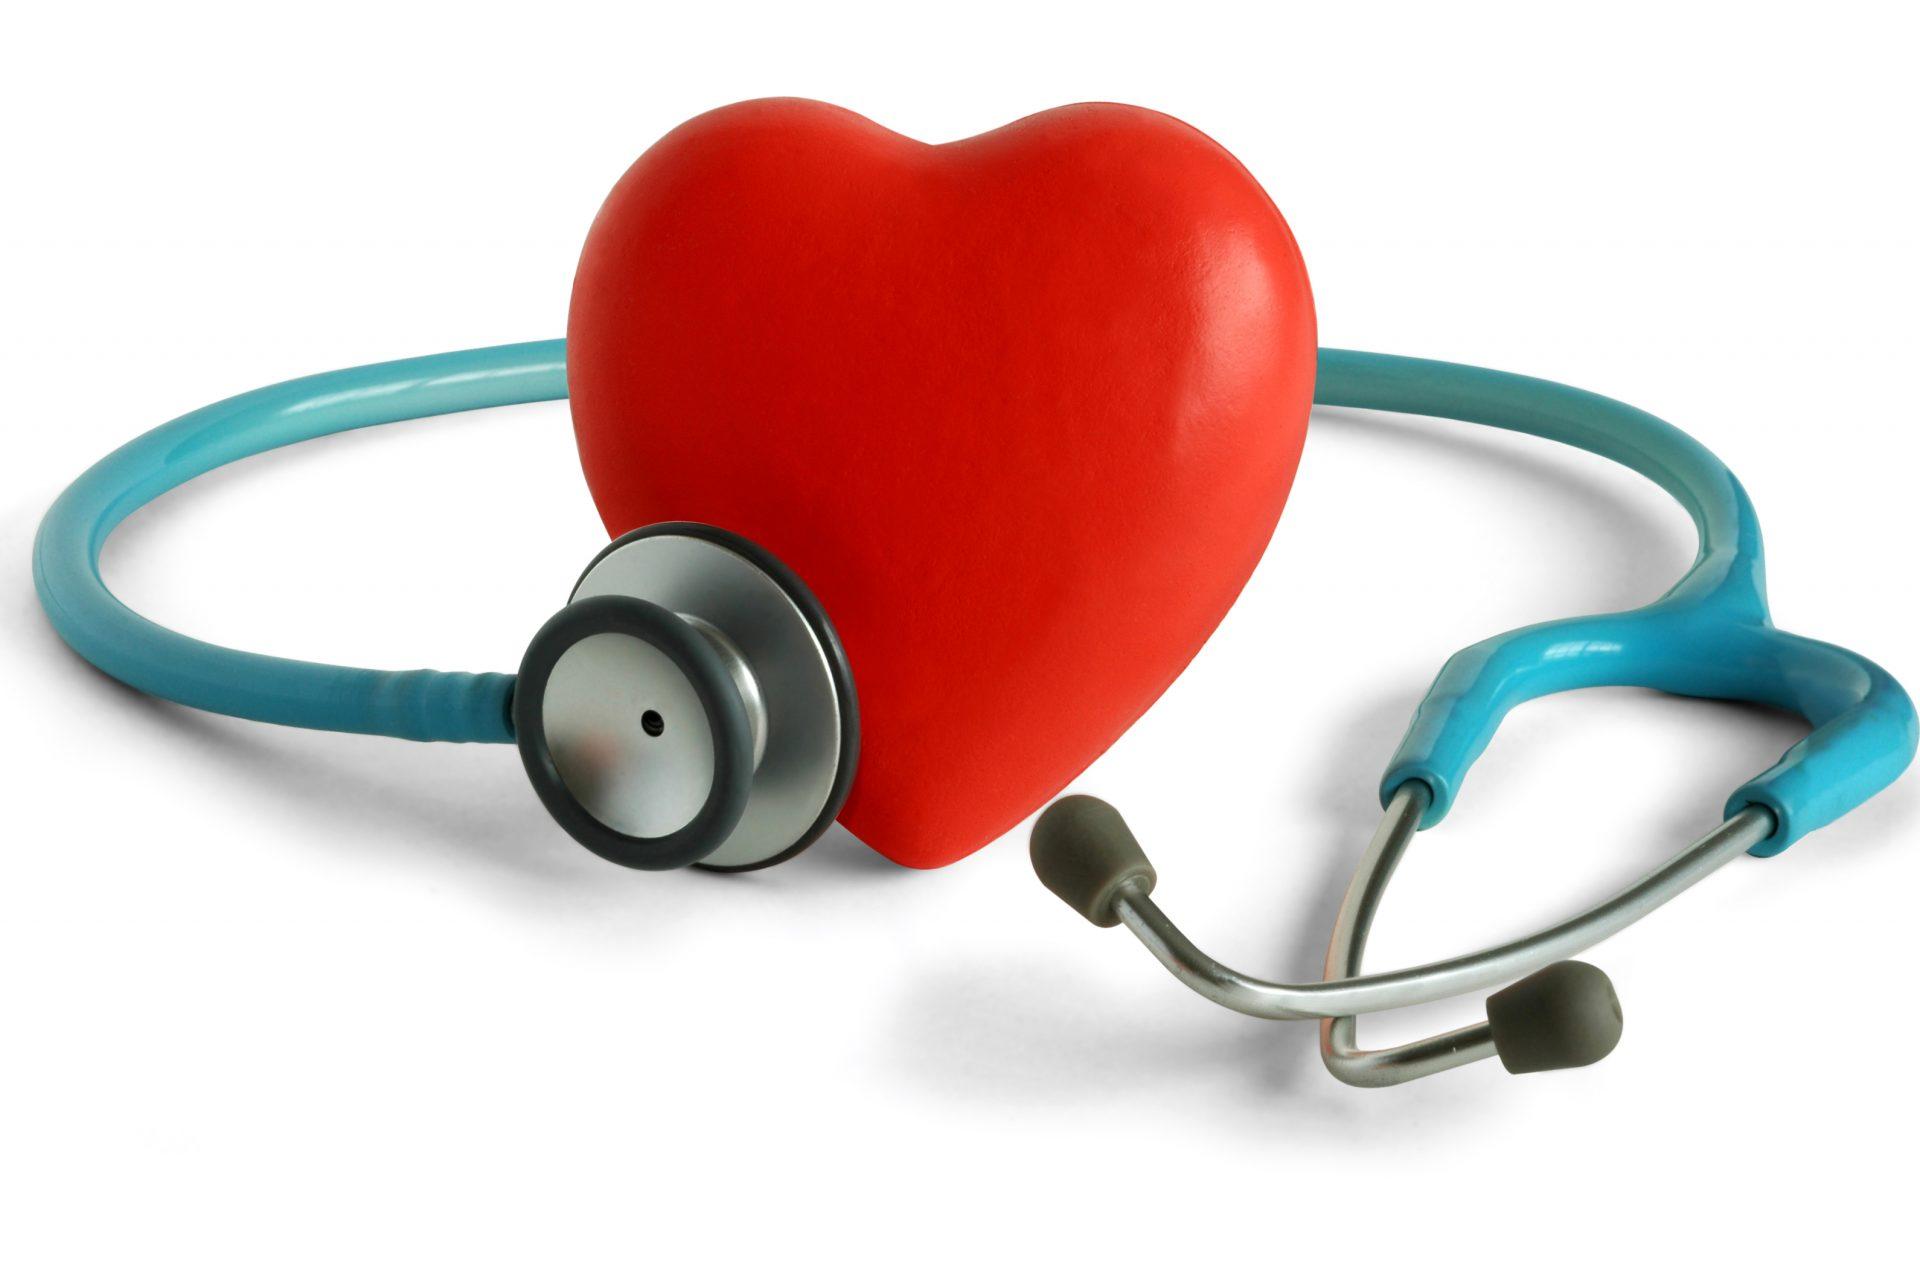 maisto papildų vartojimas sergant hipertenzija